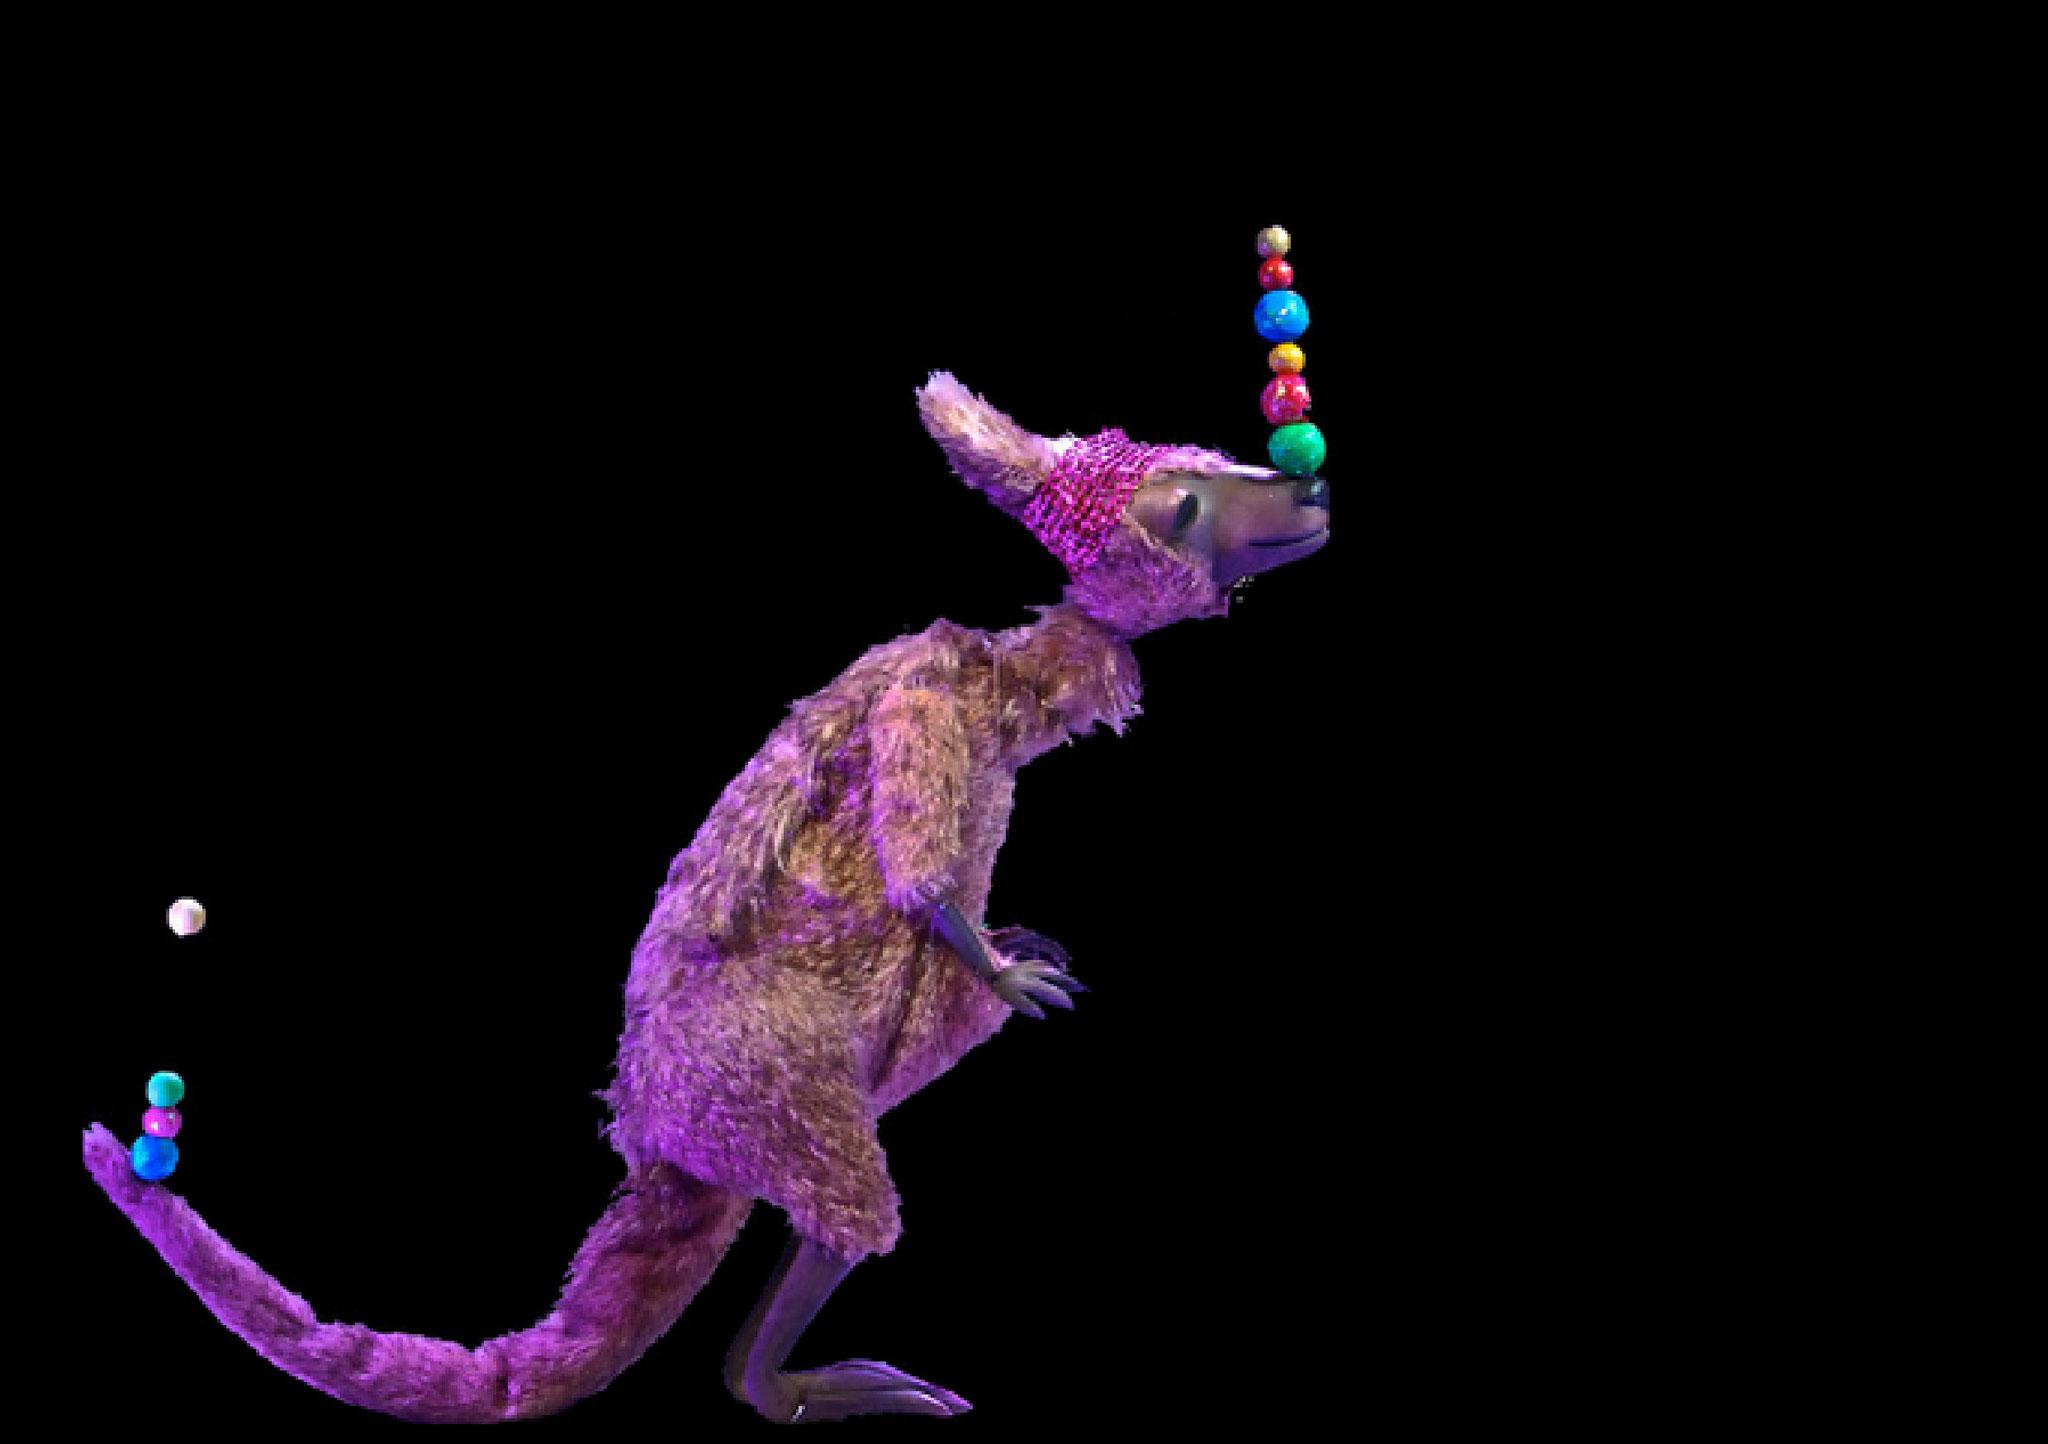 ...das Känguruh Kokolura jonlieren artistisch.